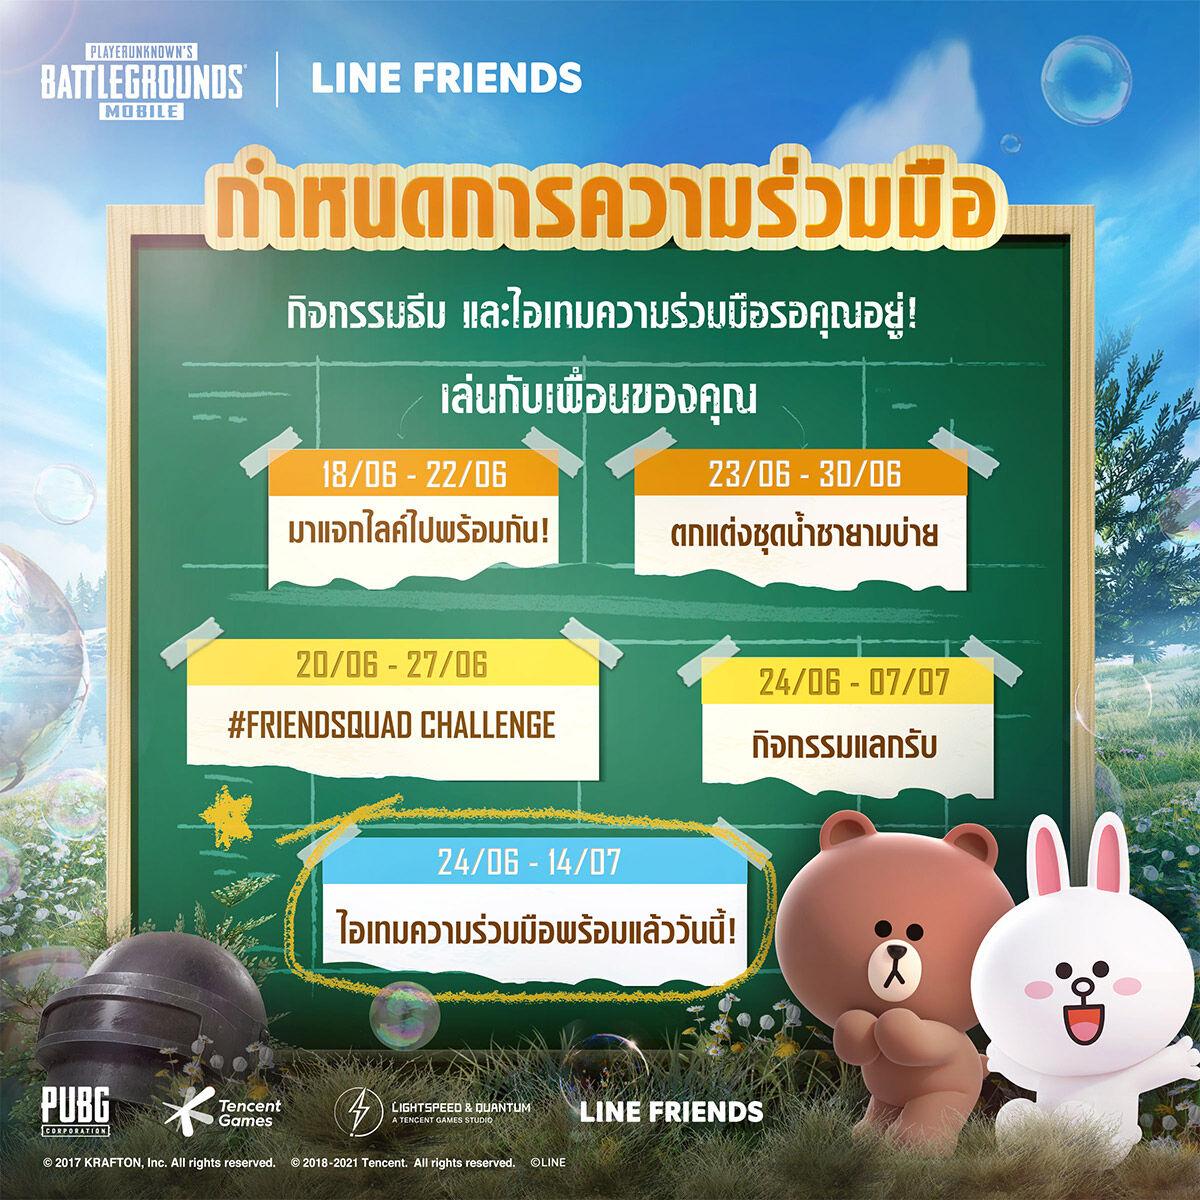 PUBG Mobile x LINE FRIENDS 1